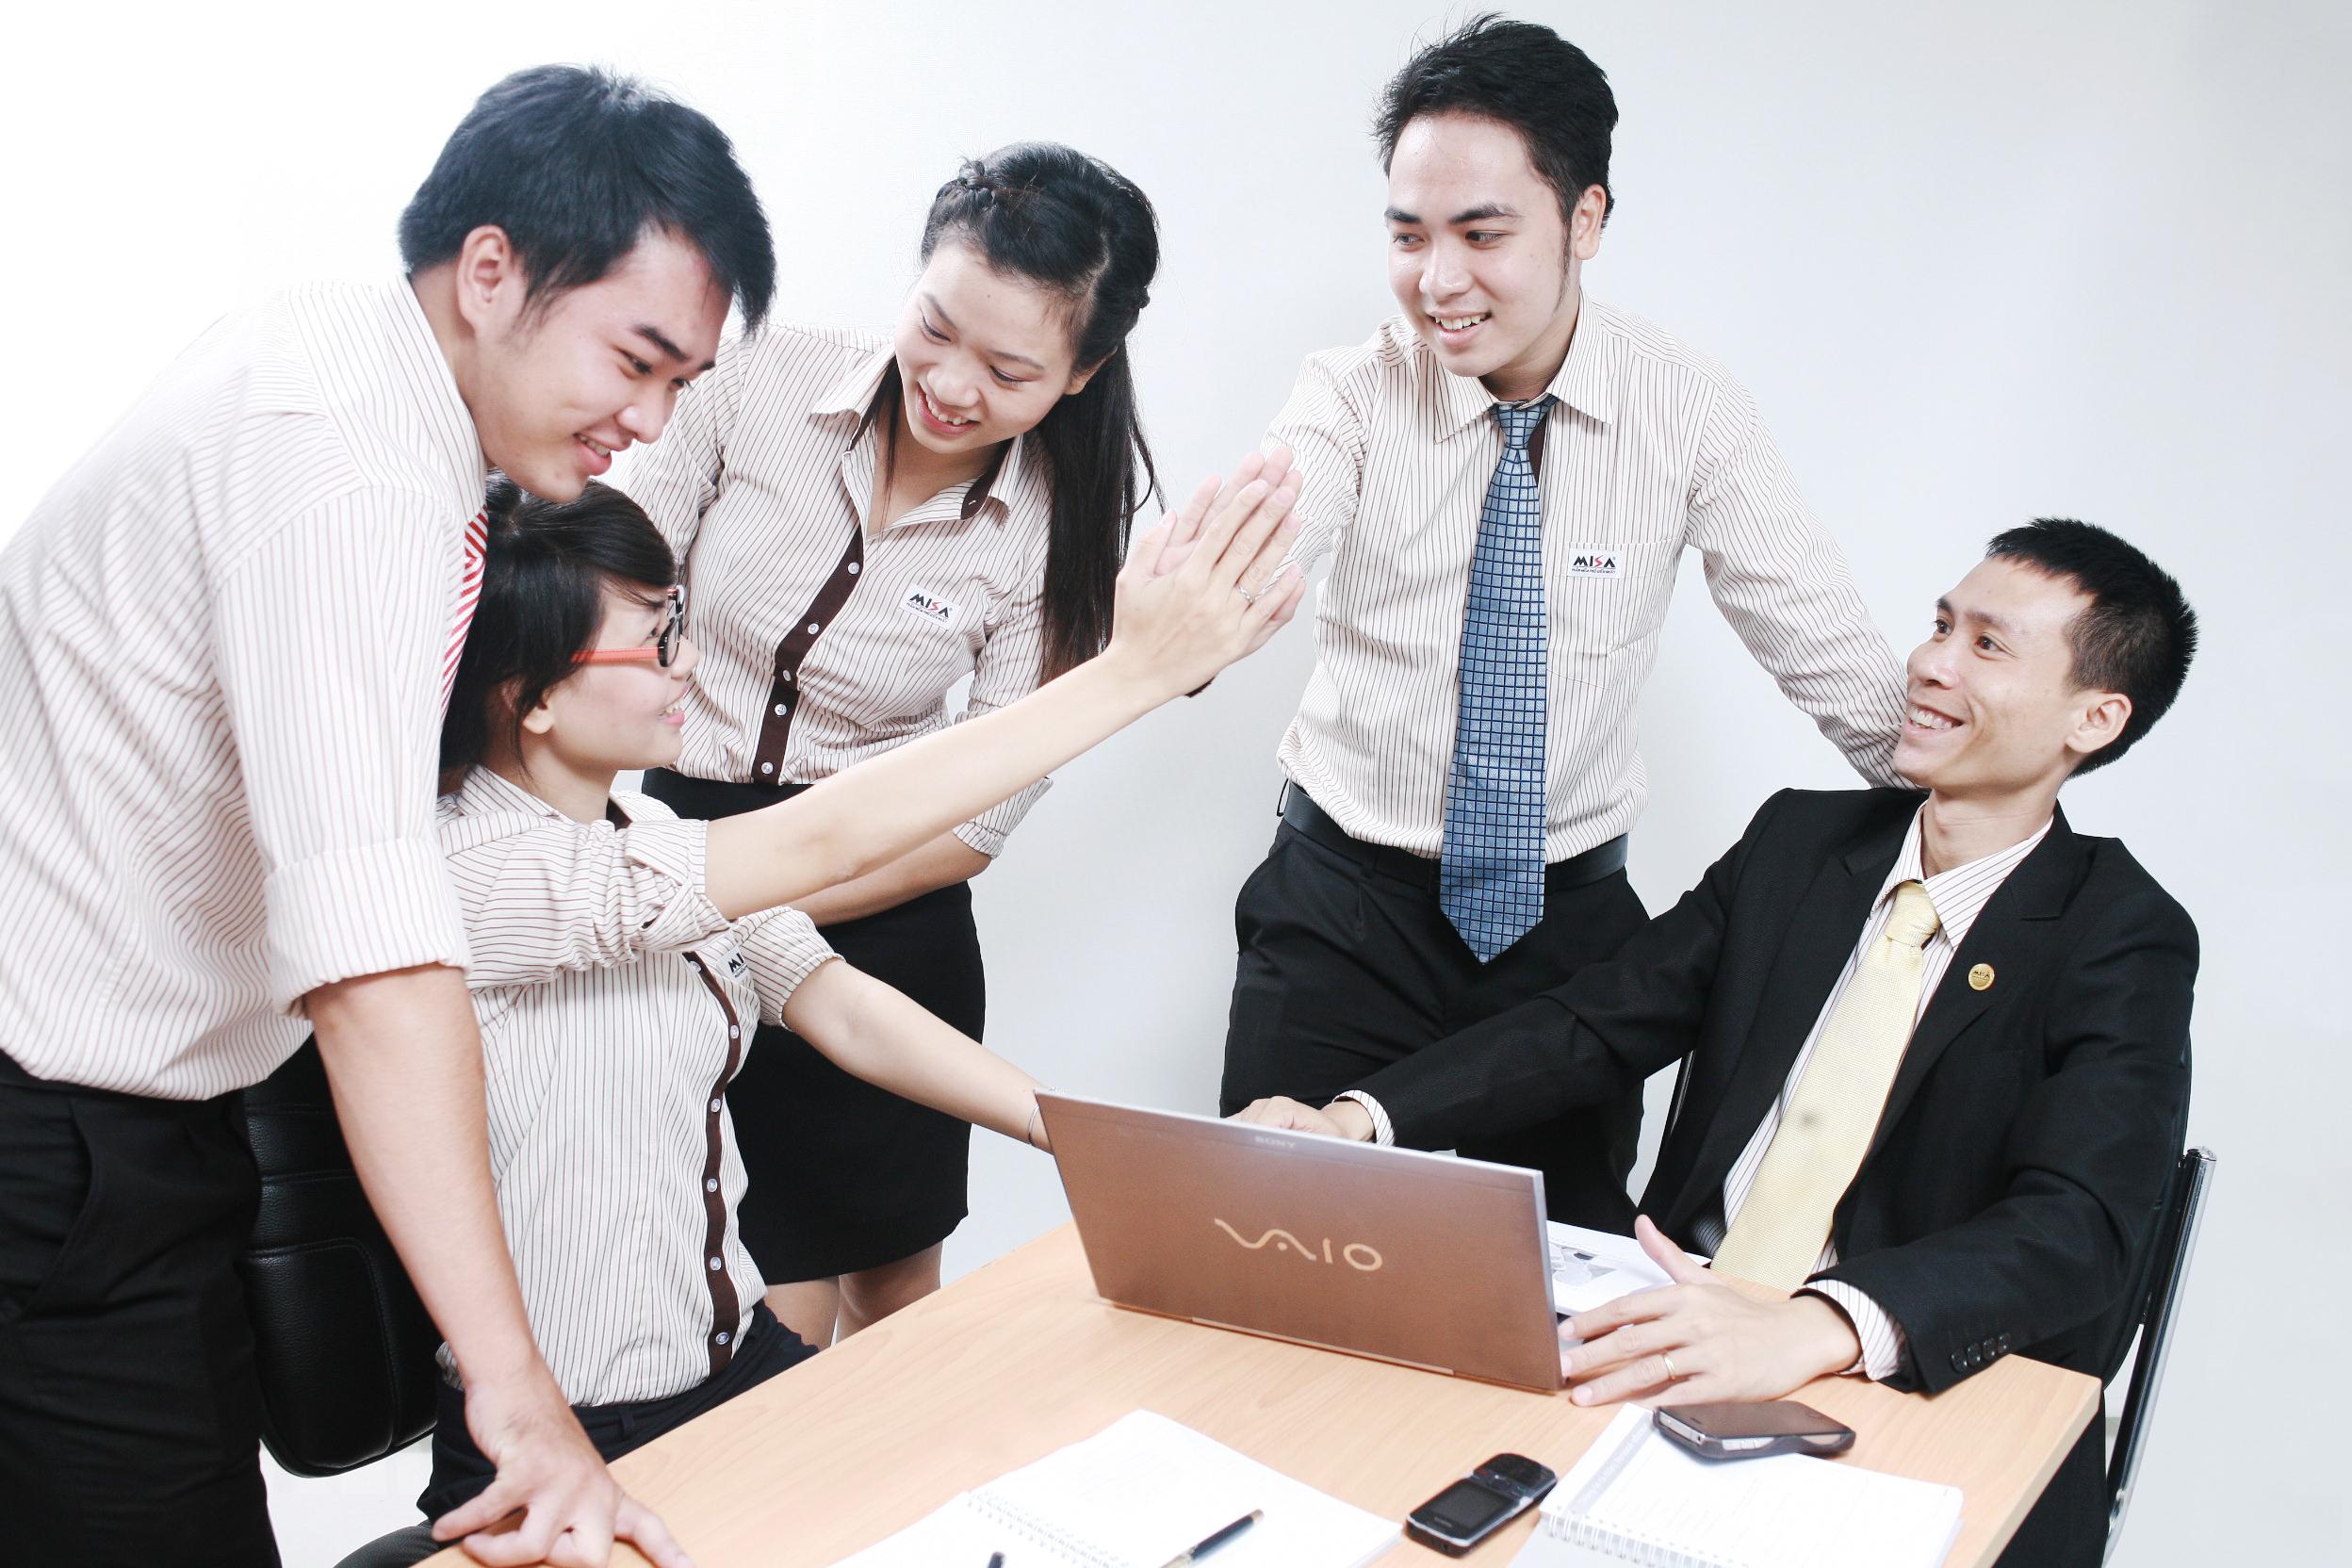 Học ngành Quản trị kinh doanh tại trường cao đẳng Công nghệ và Thương mại Hà Nội